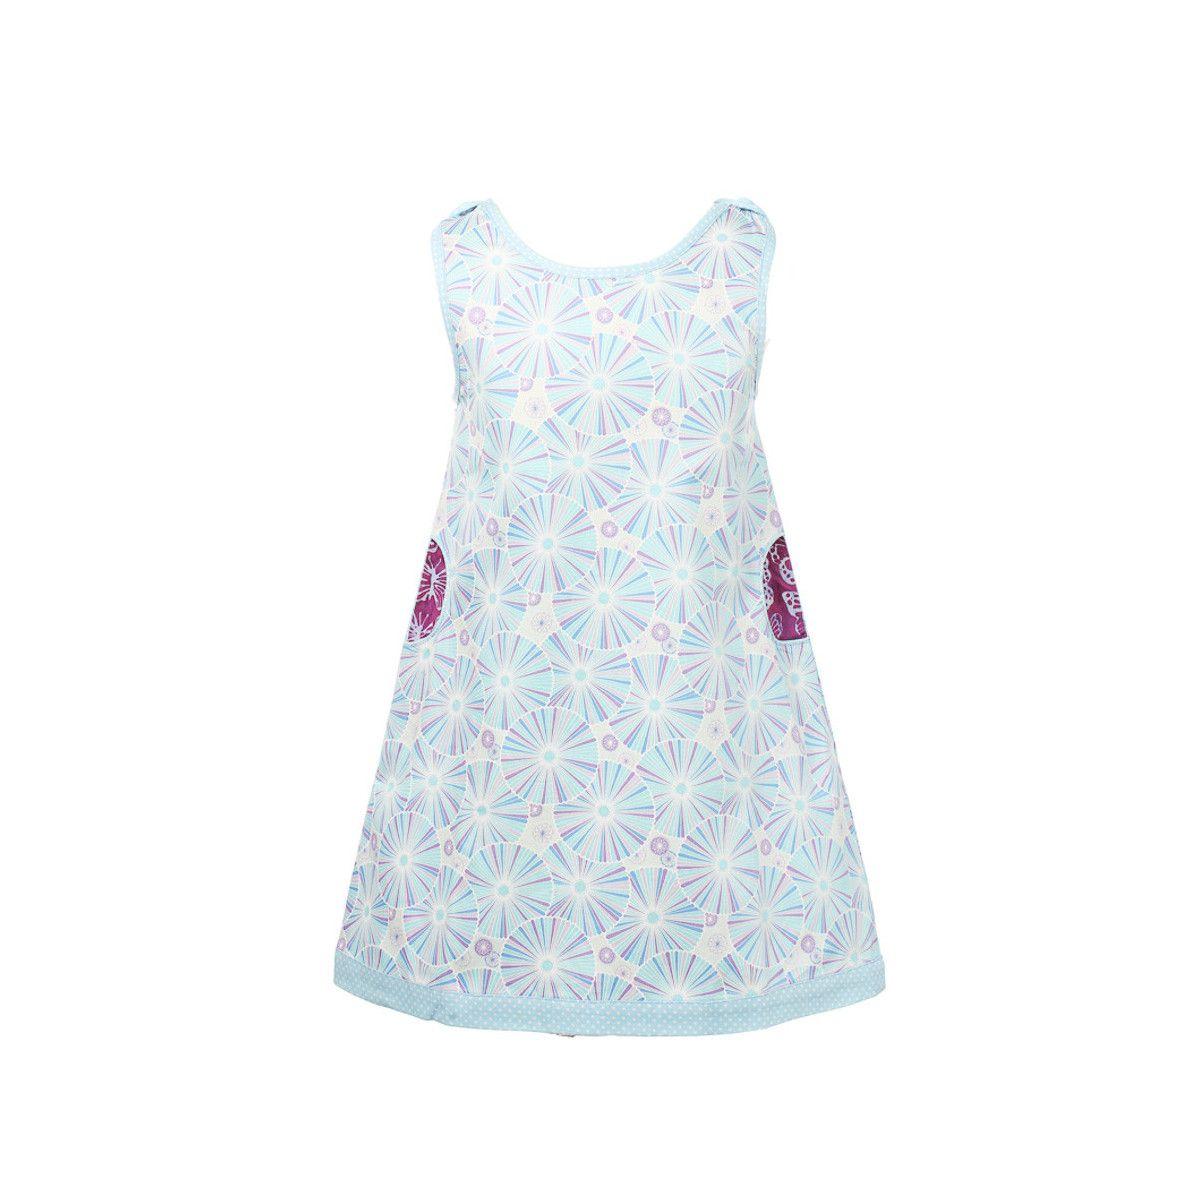 Robe sans manches coton fille 2-10 ans bleu clair et violet